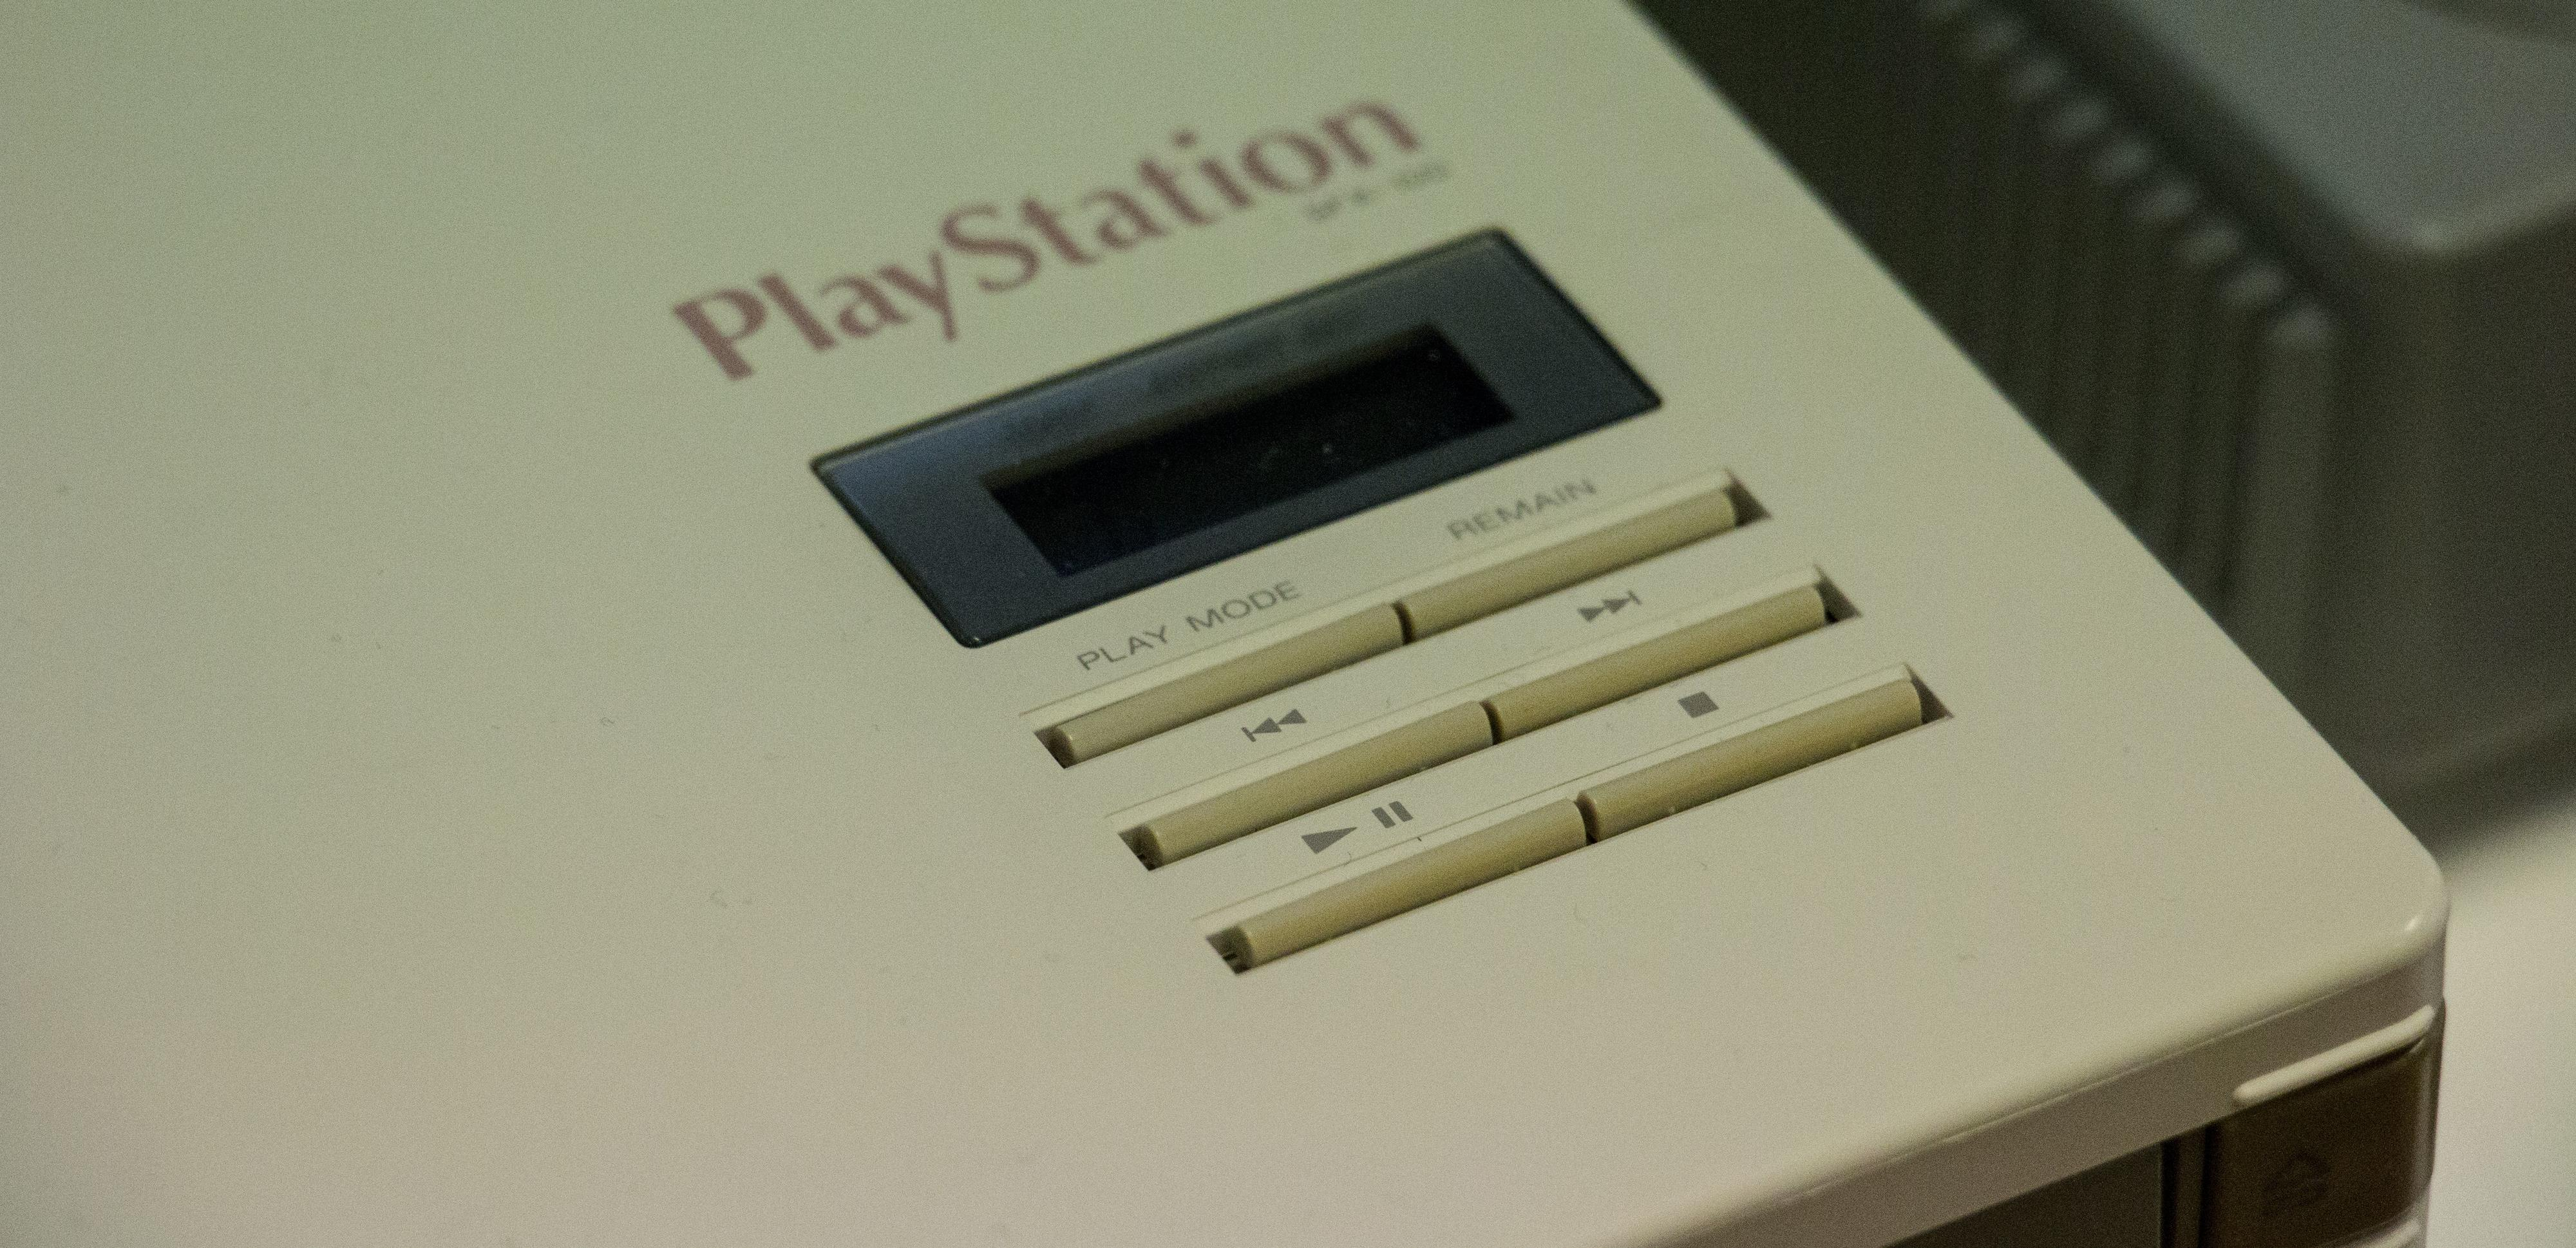 Du kan styre avspillingen av en musikk-CD via kontrollene på toppen, samtidig som du spiller et spill fra en kasett.